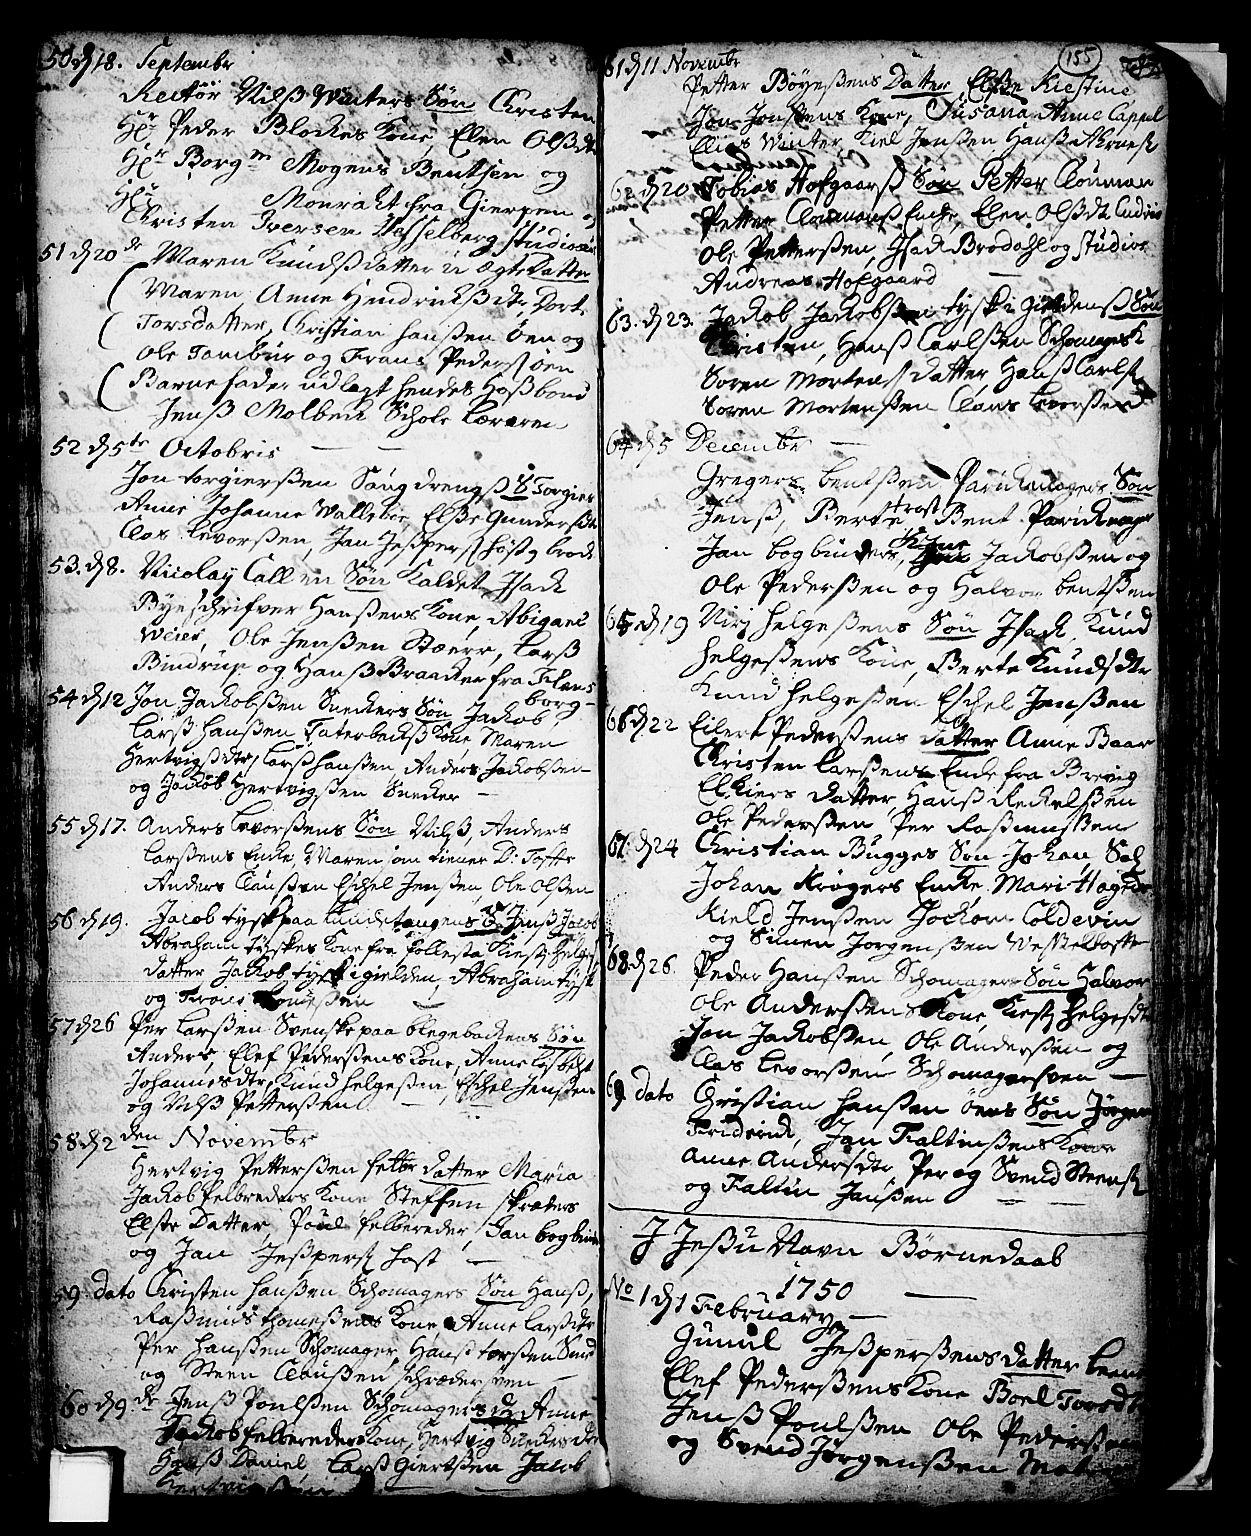 SAKO, Skien kirkebøker, F/Fa/L0002: Ministerialbok nr. 2, 1716-1757, s. 155